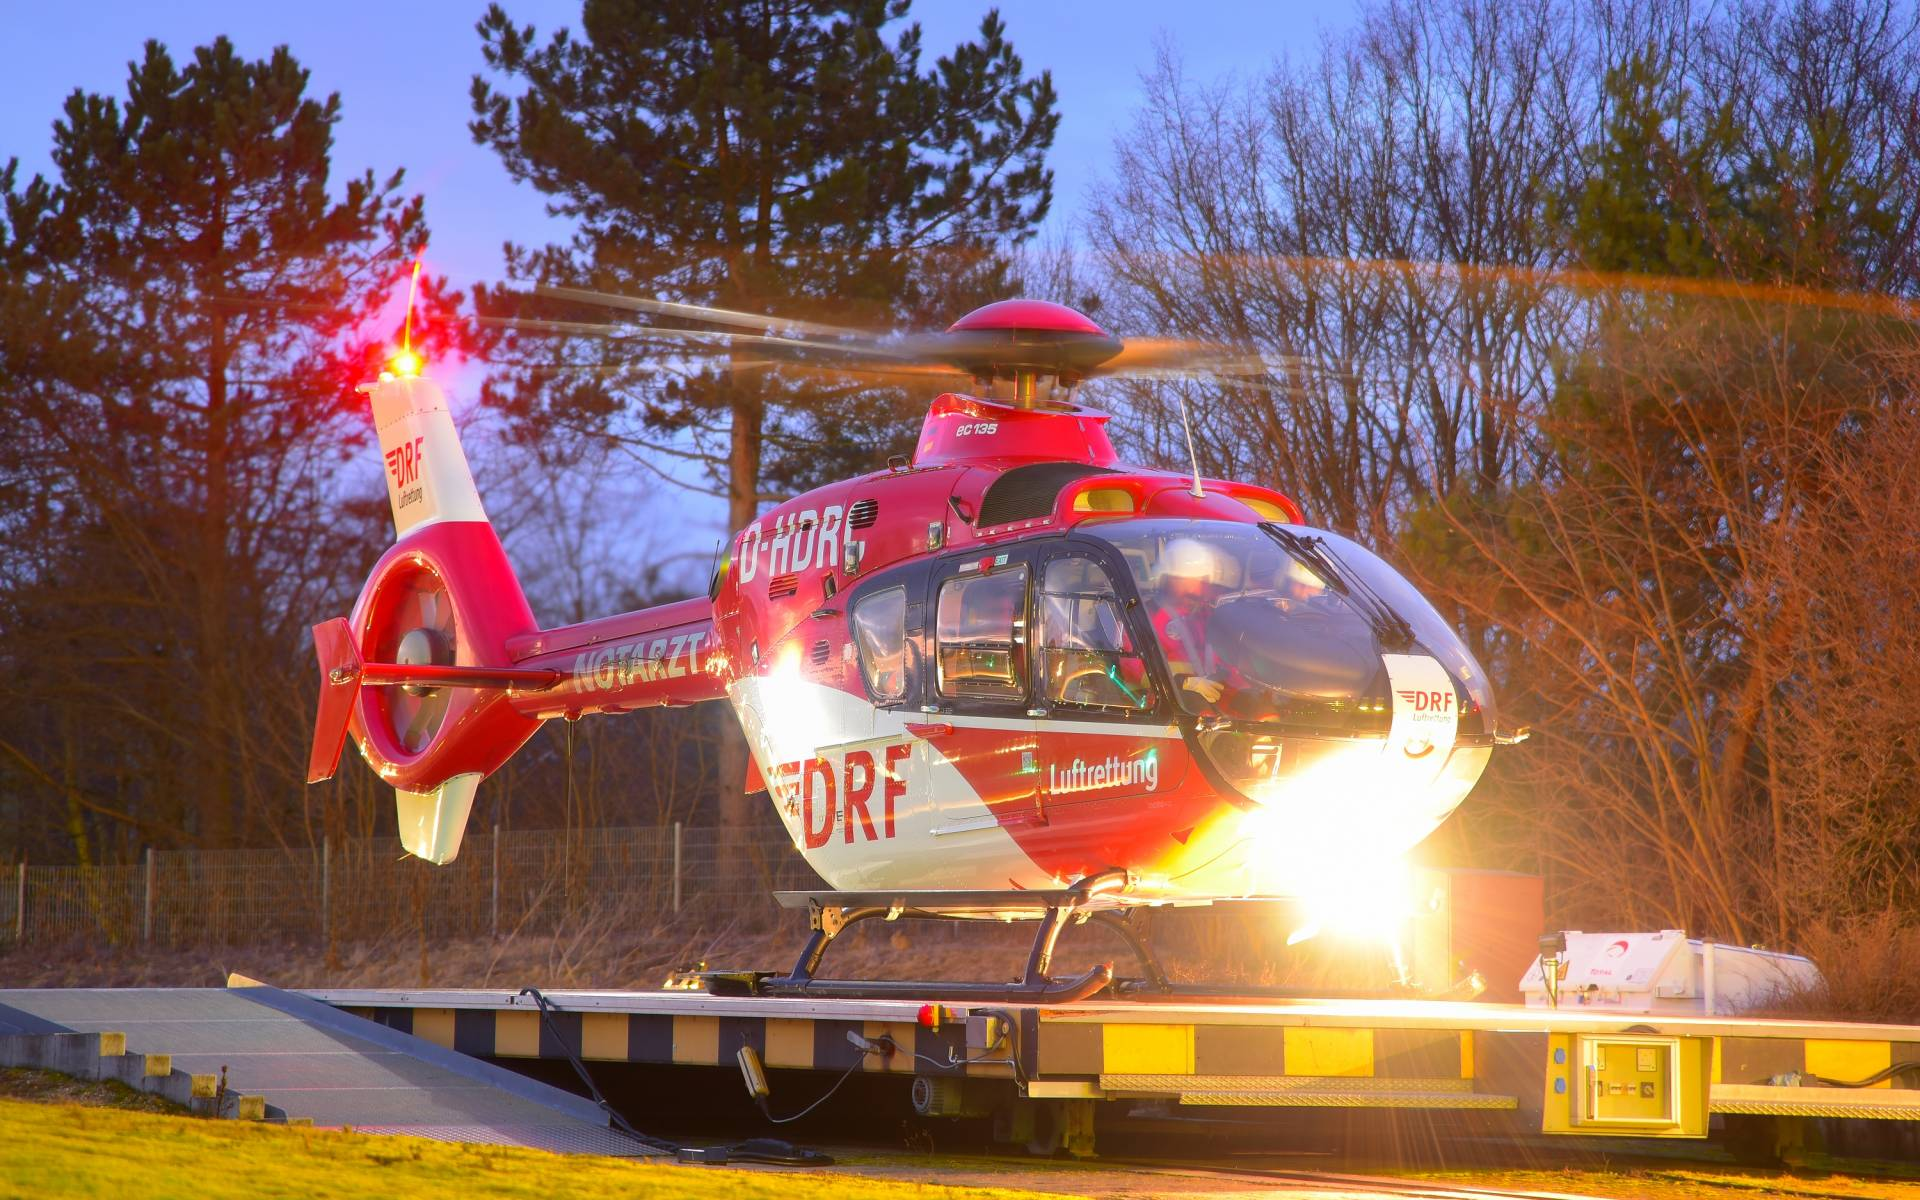 Tagsüber flog der Karlsruher Rettungshubschrauber noch seine letzten Einsätze von den St. Vincentius-Kliniken aus. Foto: Ole Meisen